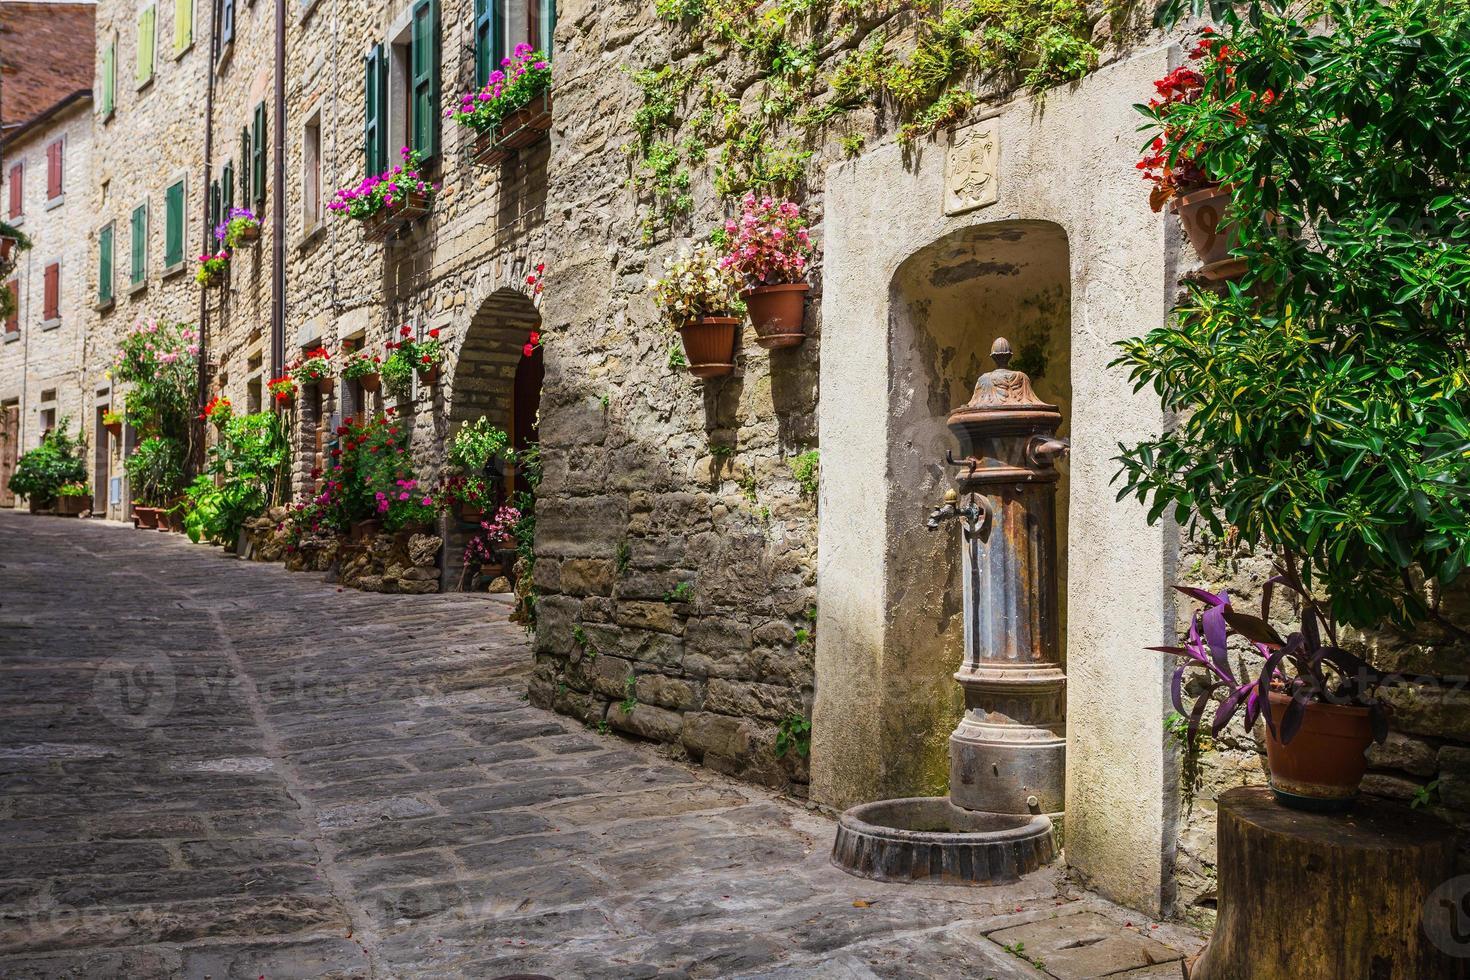 italienische Straße in einer kleinen Provinzstadt der Toskana foto